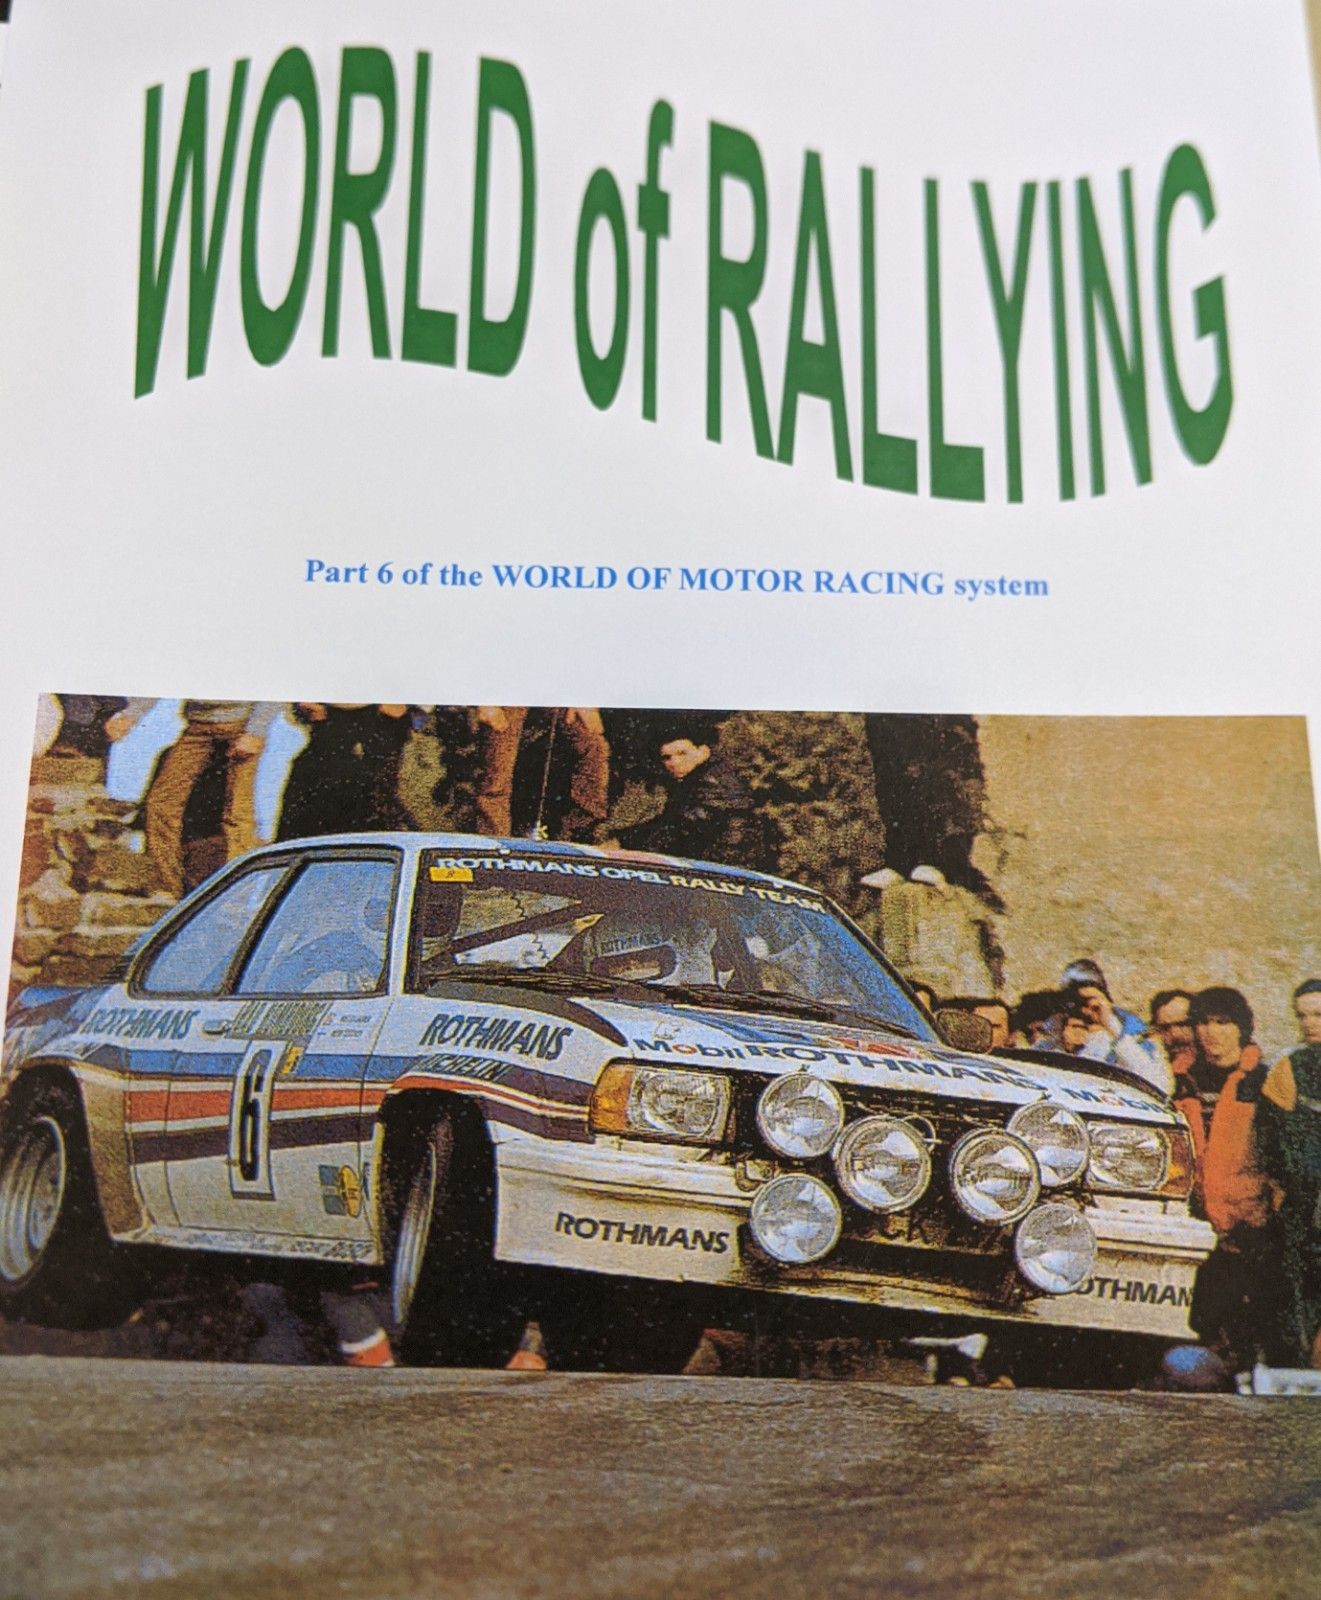 World of Motor Racing: World of Rallying